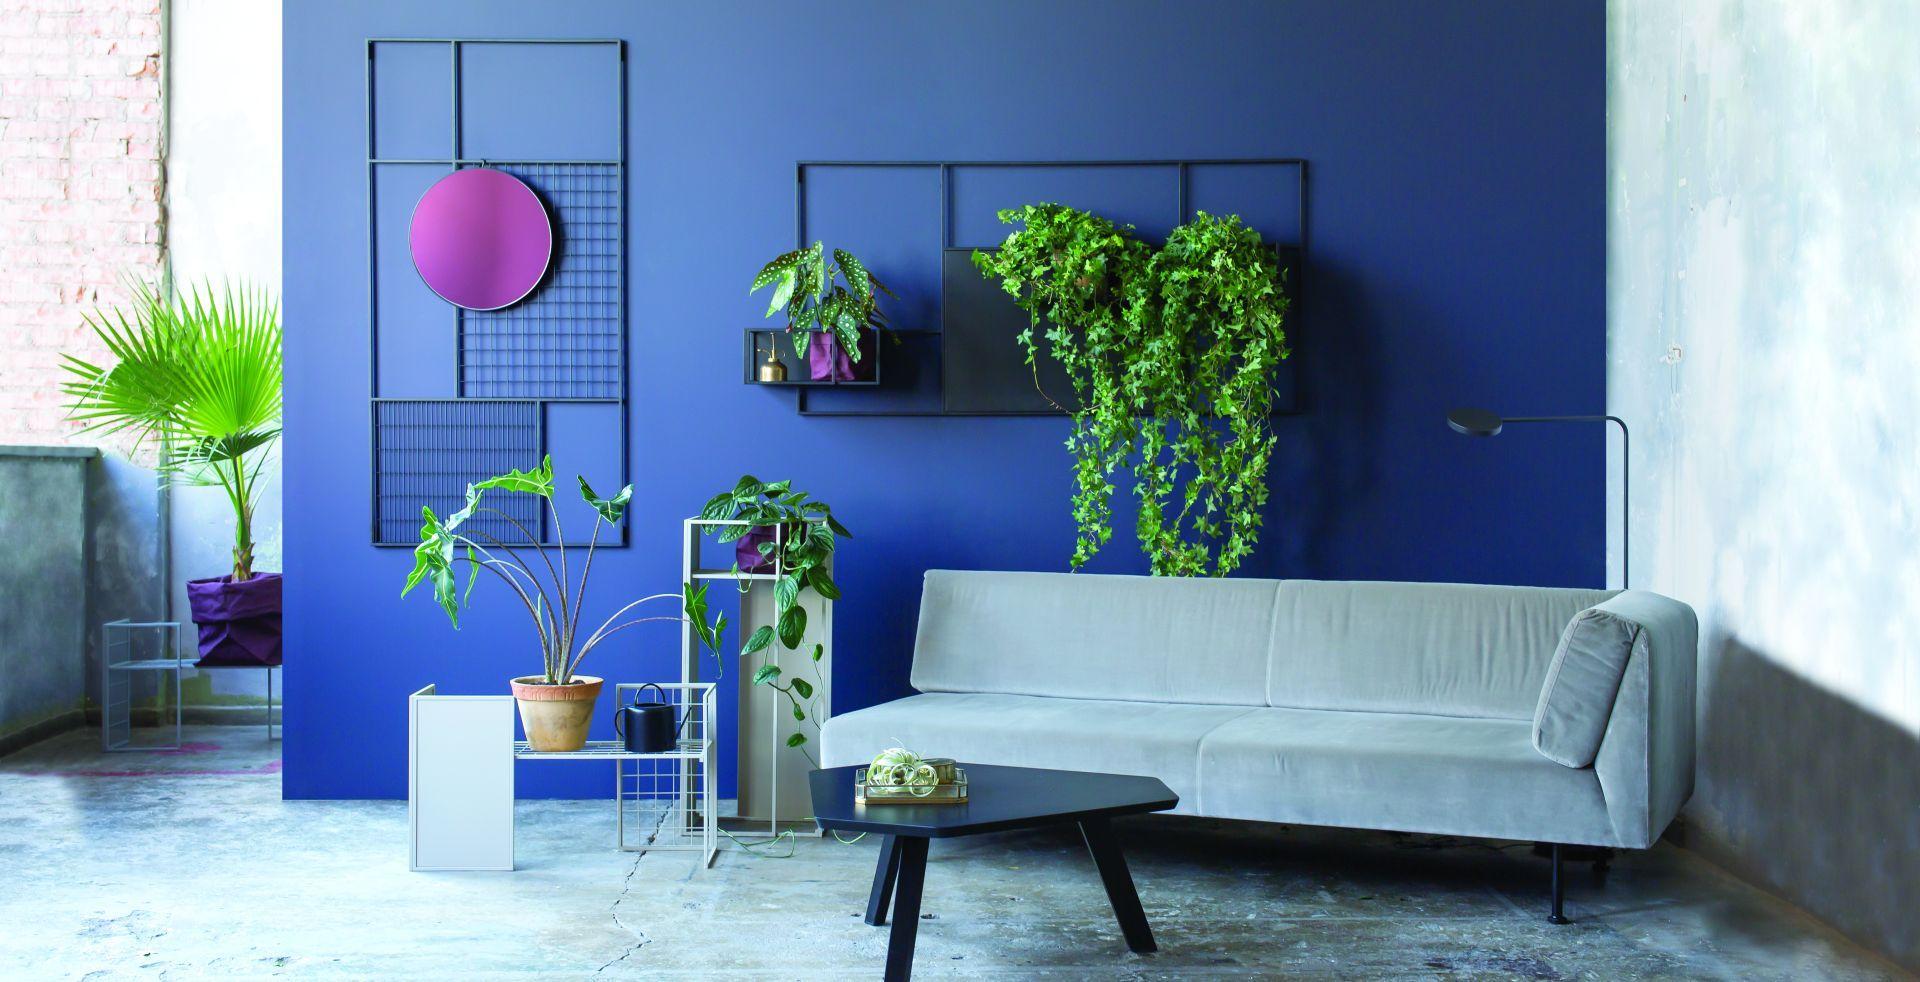 Kolekcja Floo powstała dla polskiej marki Balma. Jej autorkami są dwie polskie projektantki - Aleksandra Hyz i Aleksandra Mętlewicz. Fot. Balma